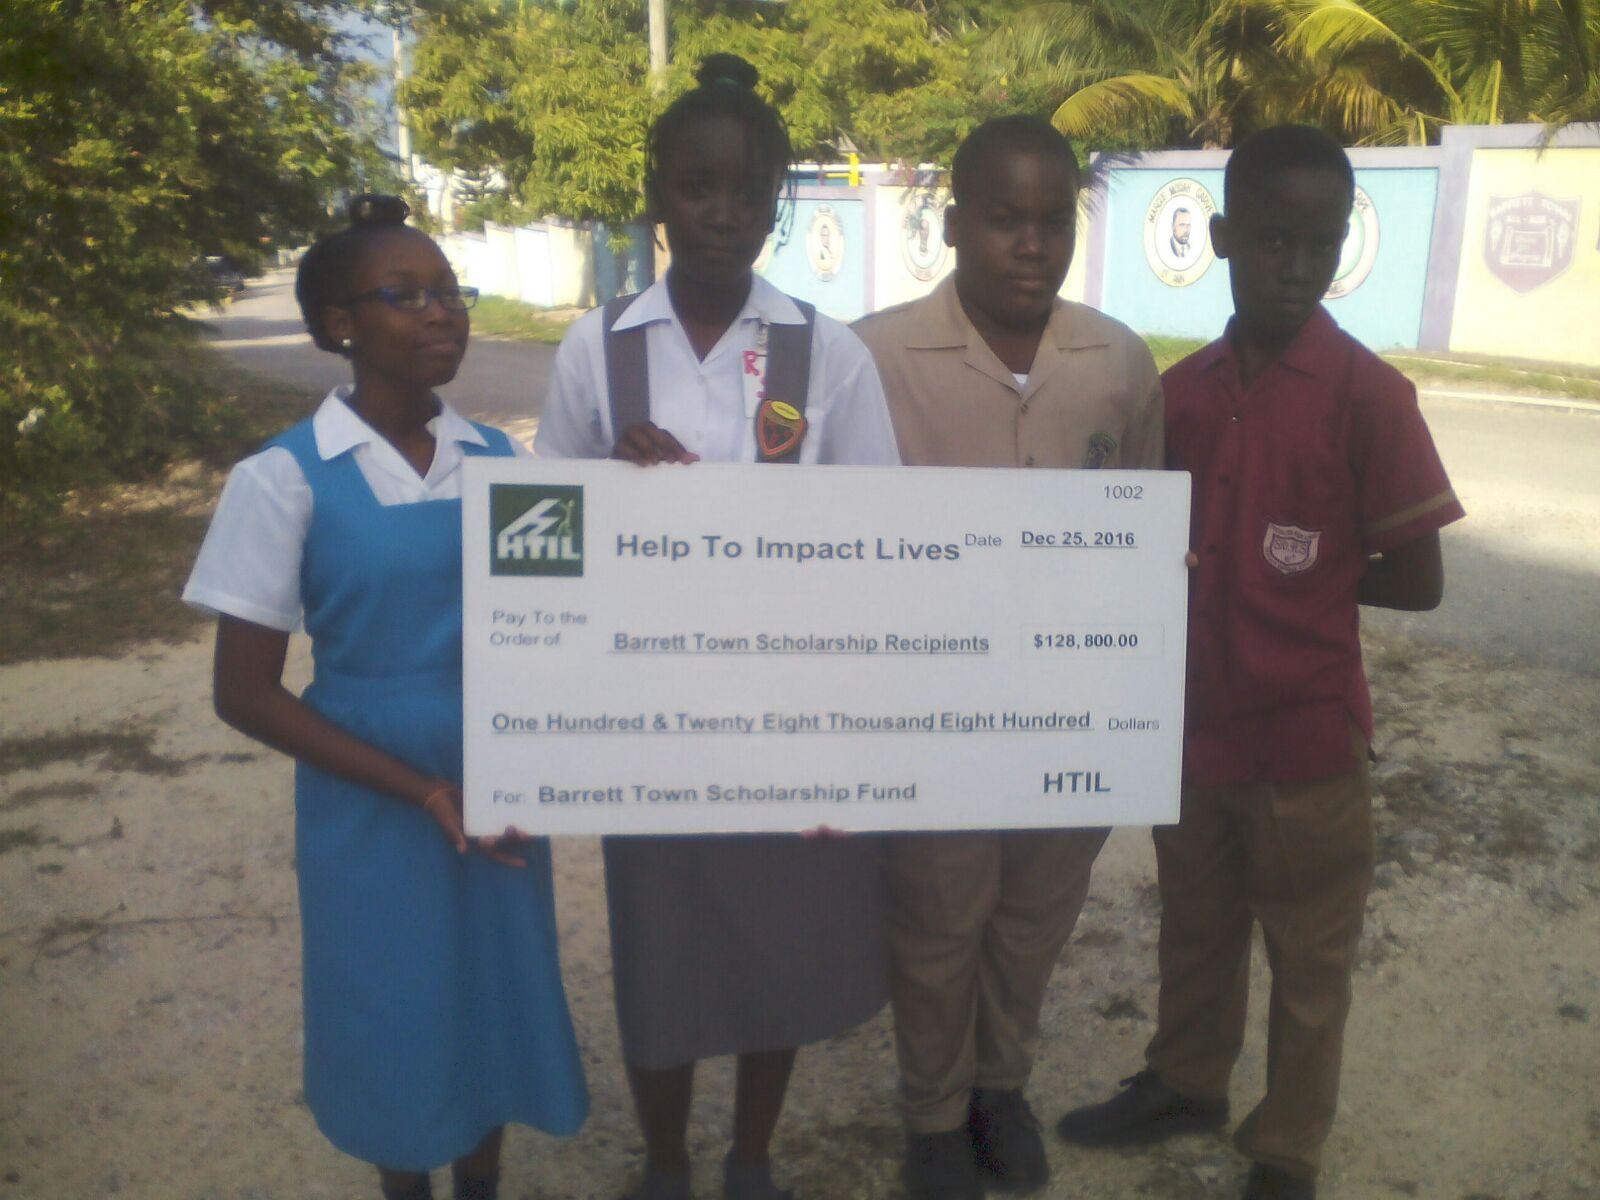 Barrett Town Scholarship Fund Recepients